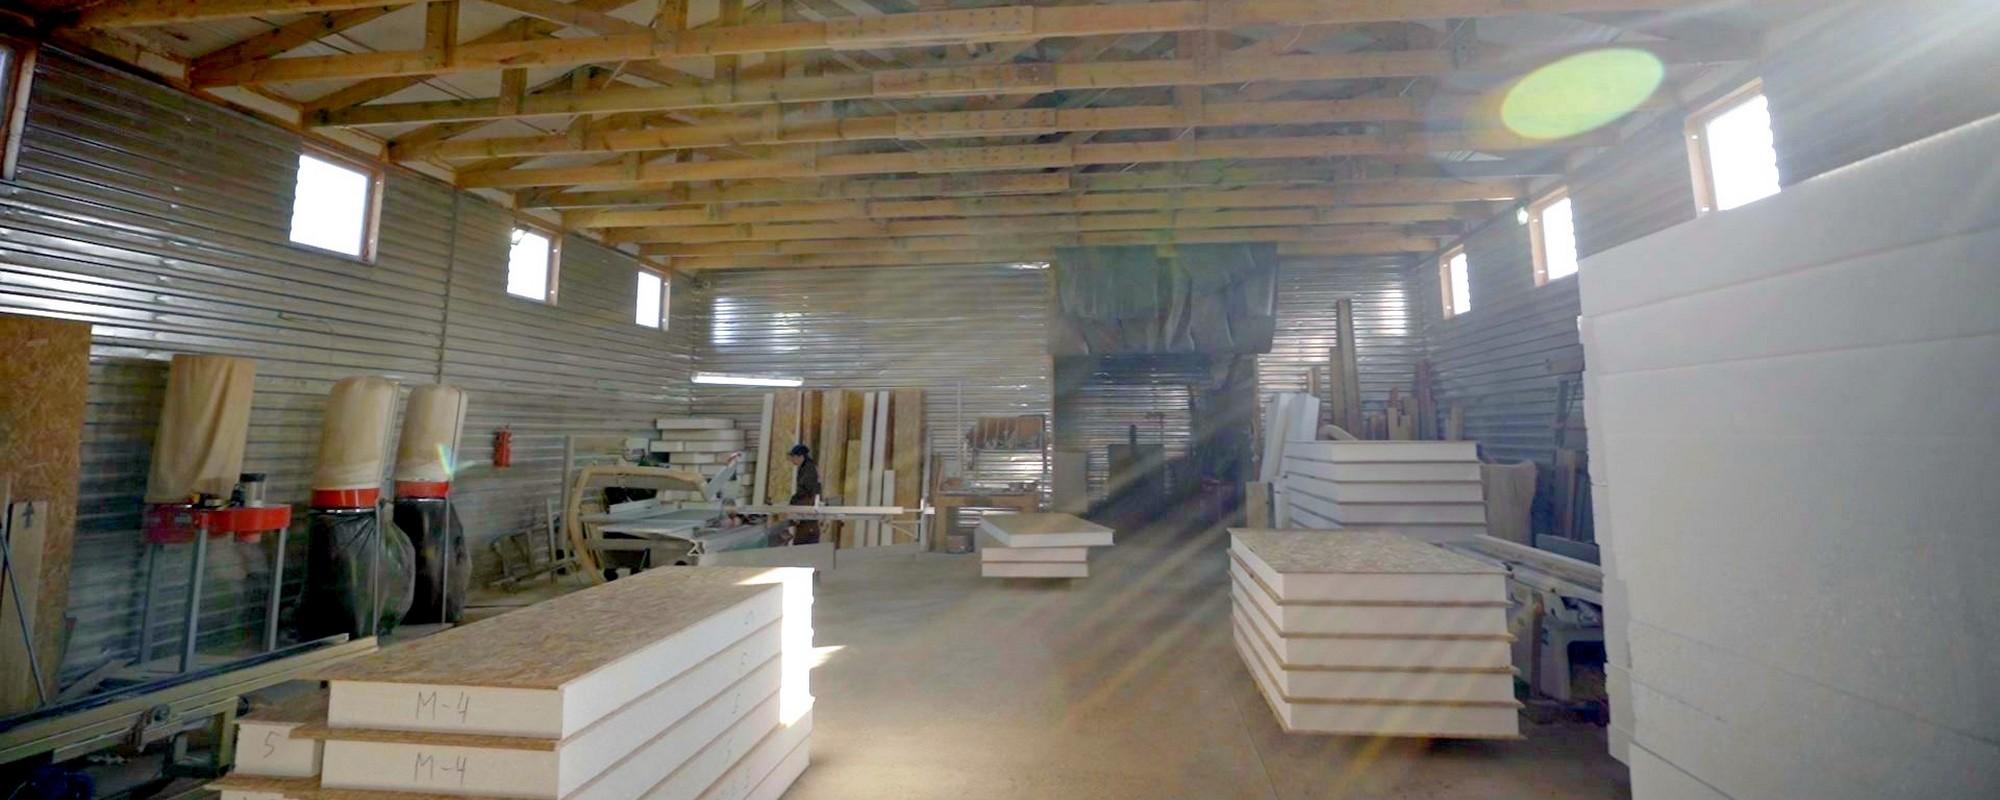 Завод сип панелей Канадские дома: фото 6